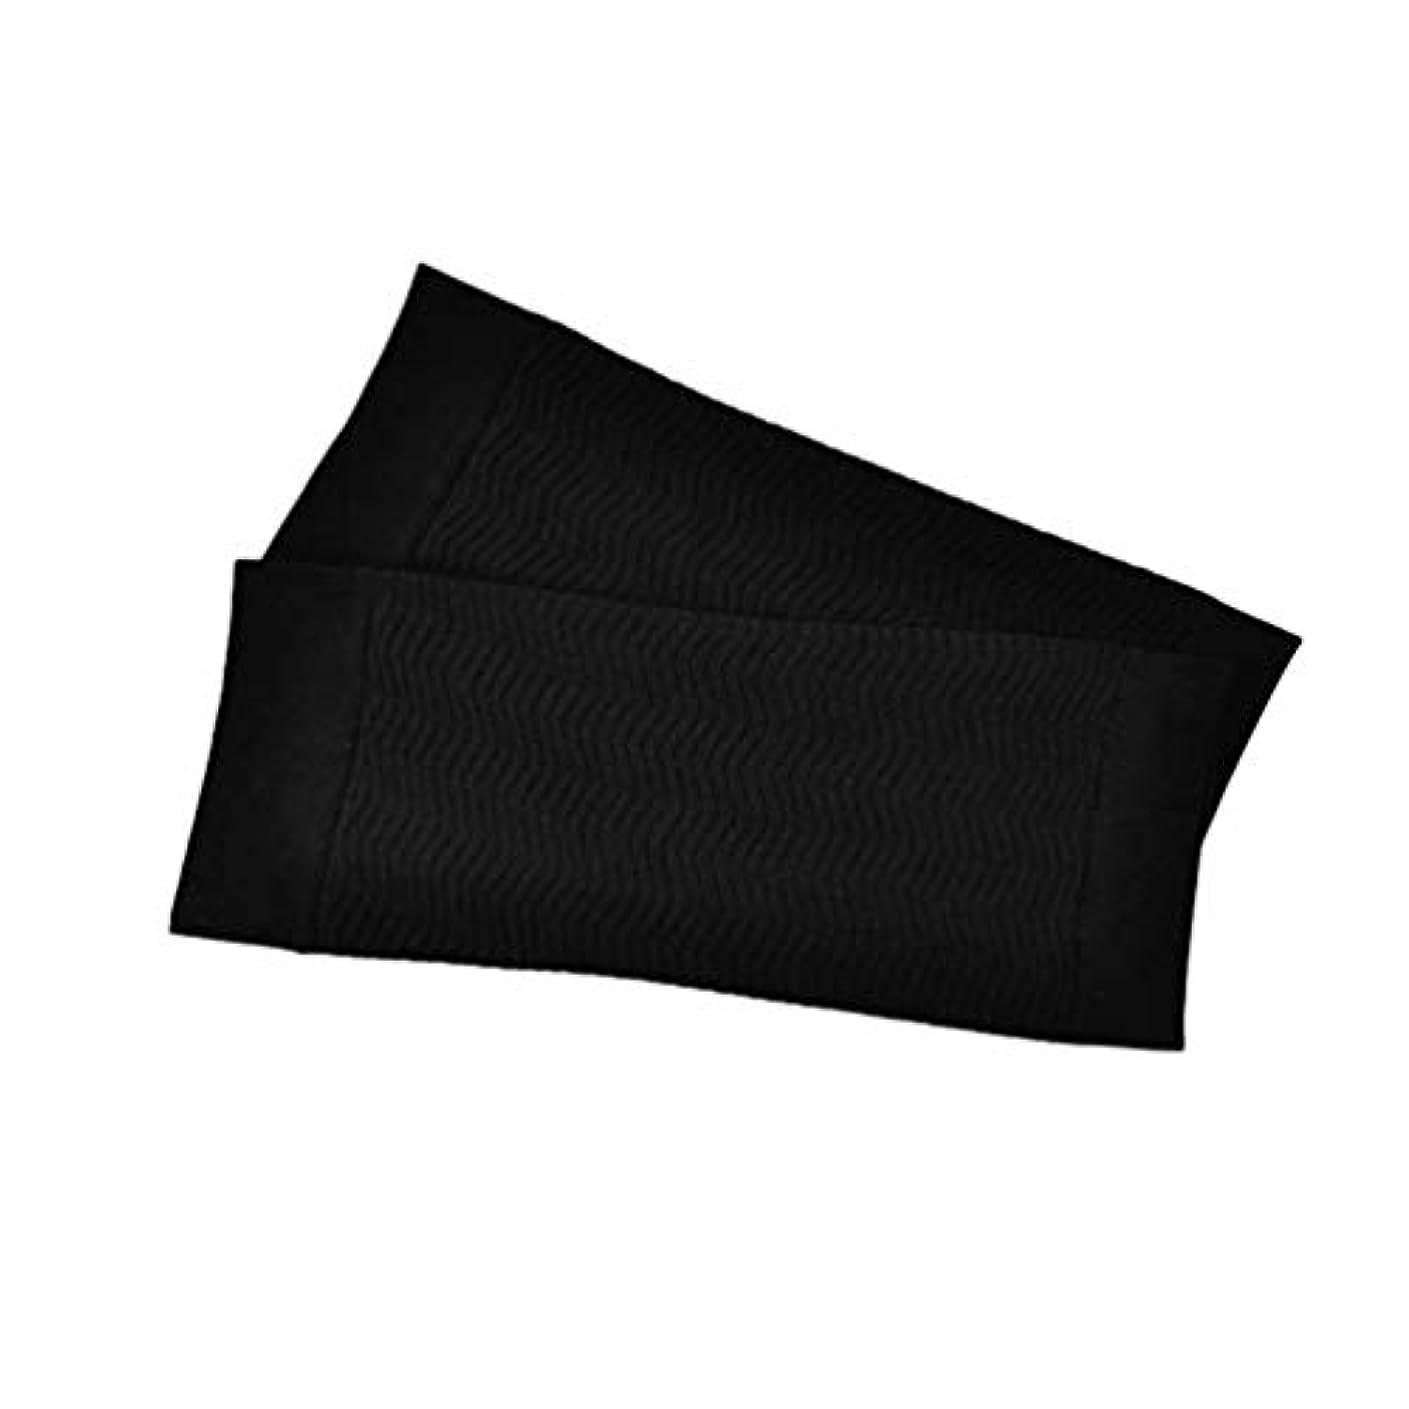 性差別安息動的1ペア680 D圧縮アームシェイパーワークアウトトーニングバーンセルライトスリミングアームスリーブ脂肪燃焼半袖用女性 - ブラック